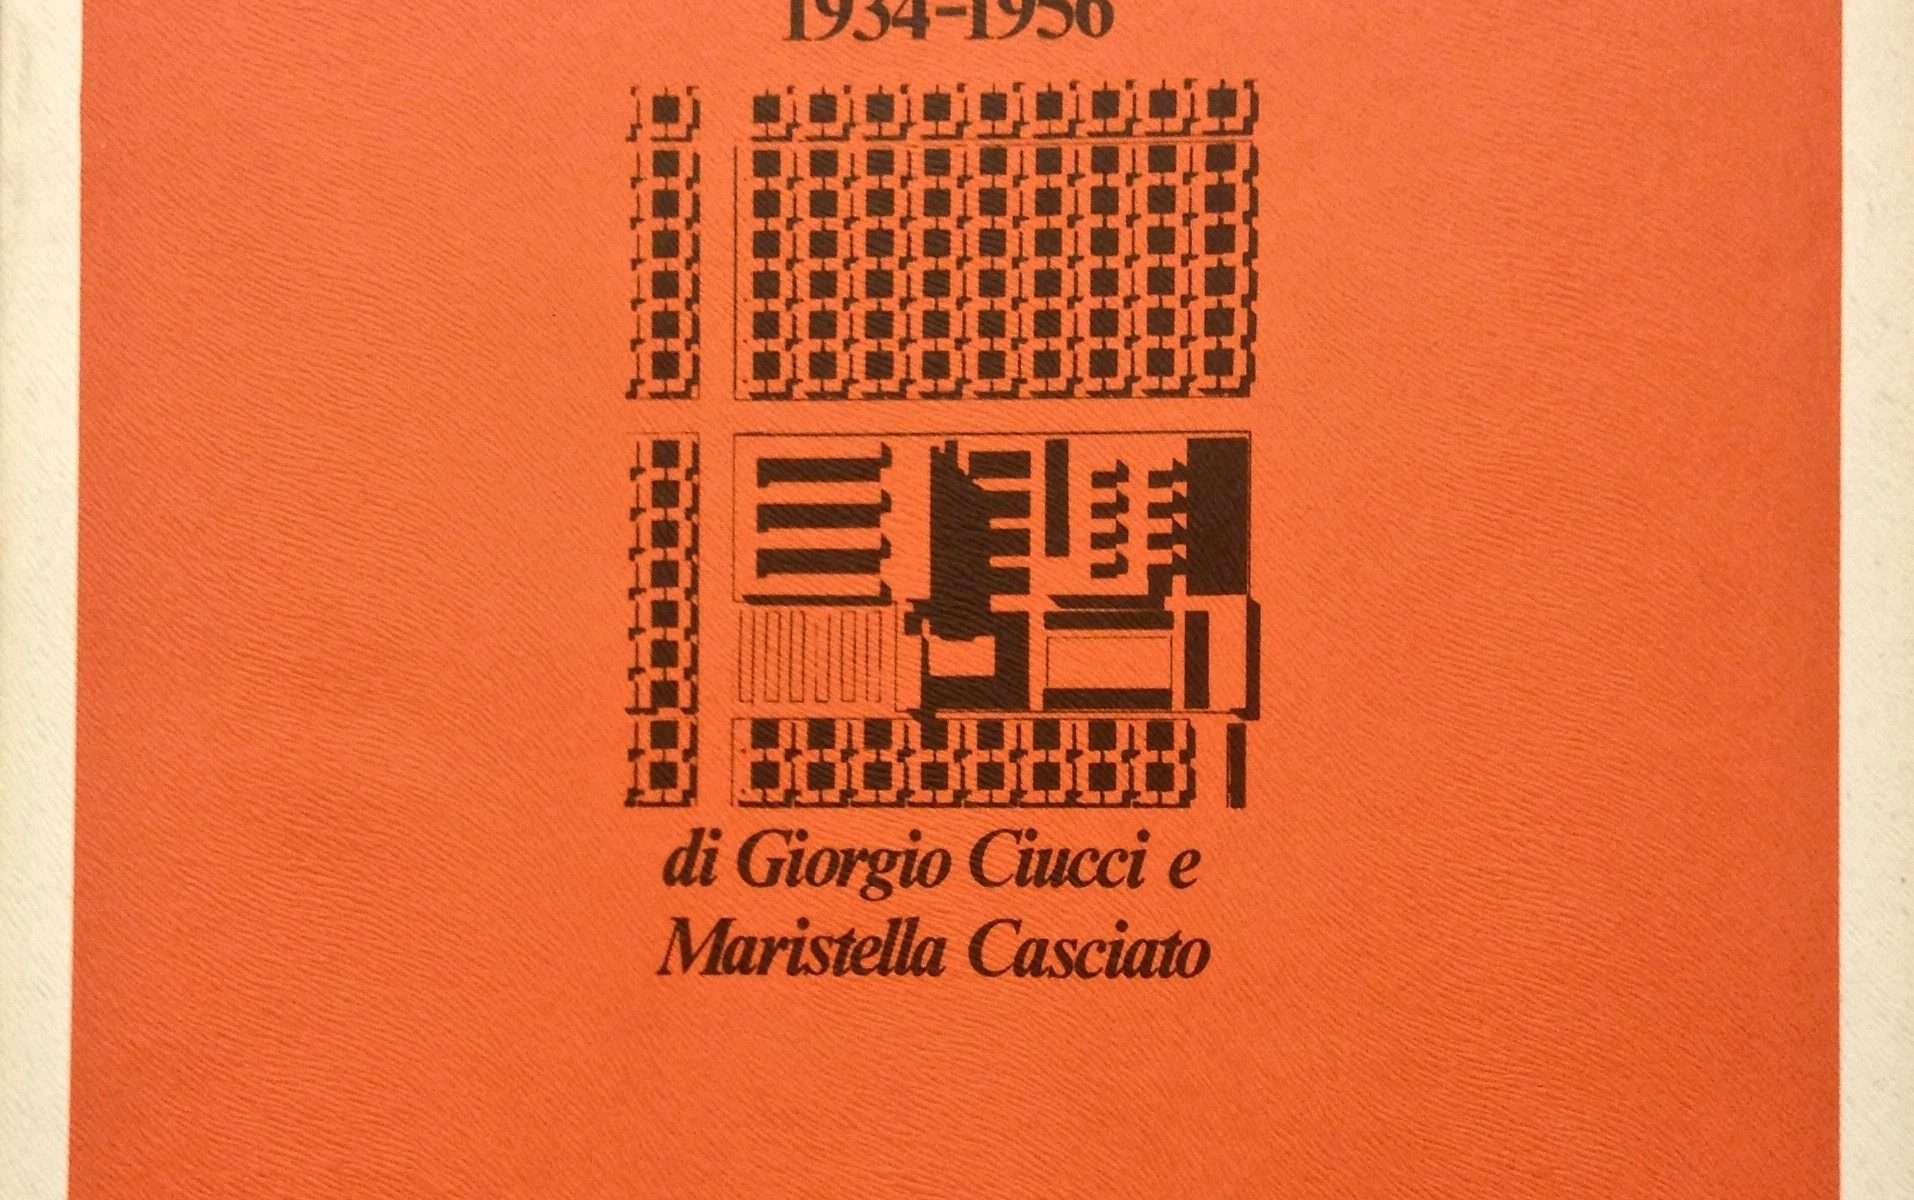 FRANCO MARESCOTTI E LA CASA CIVILE 1934-1956